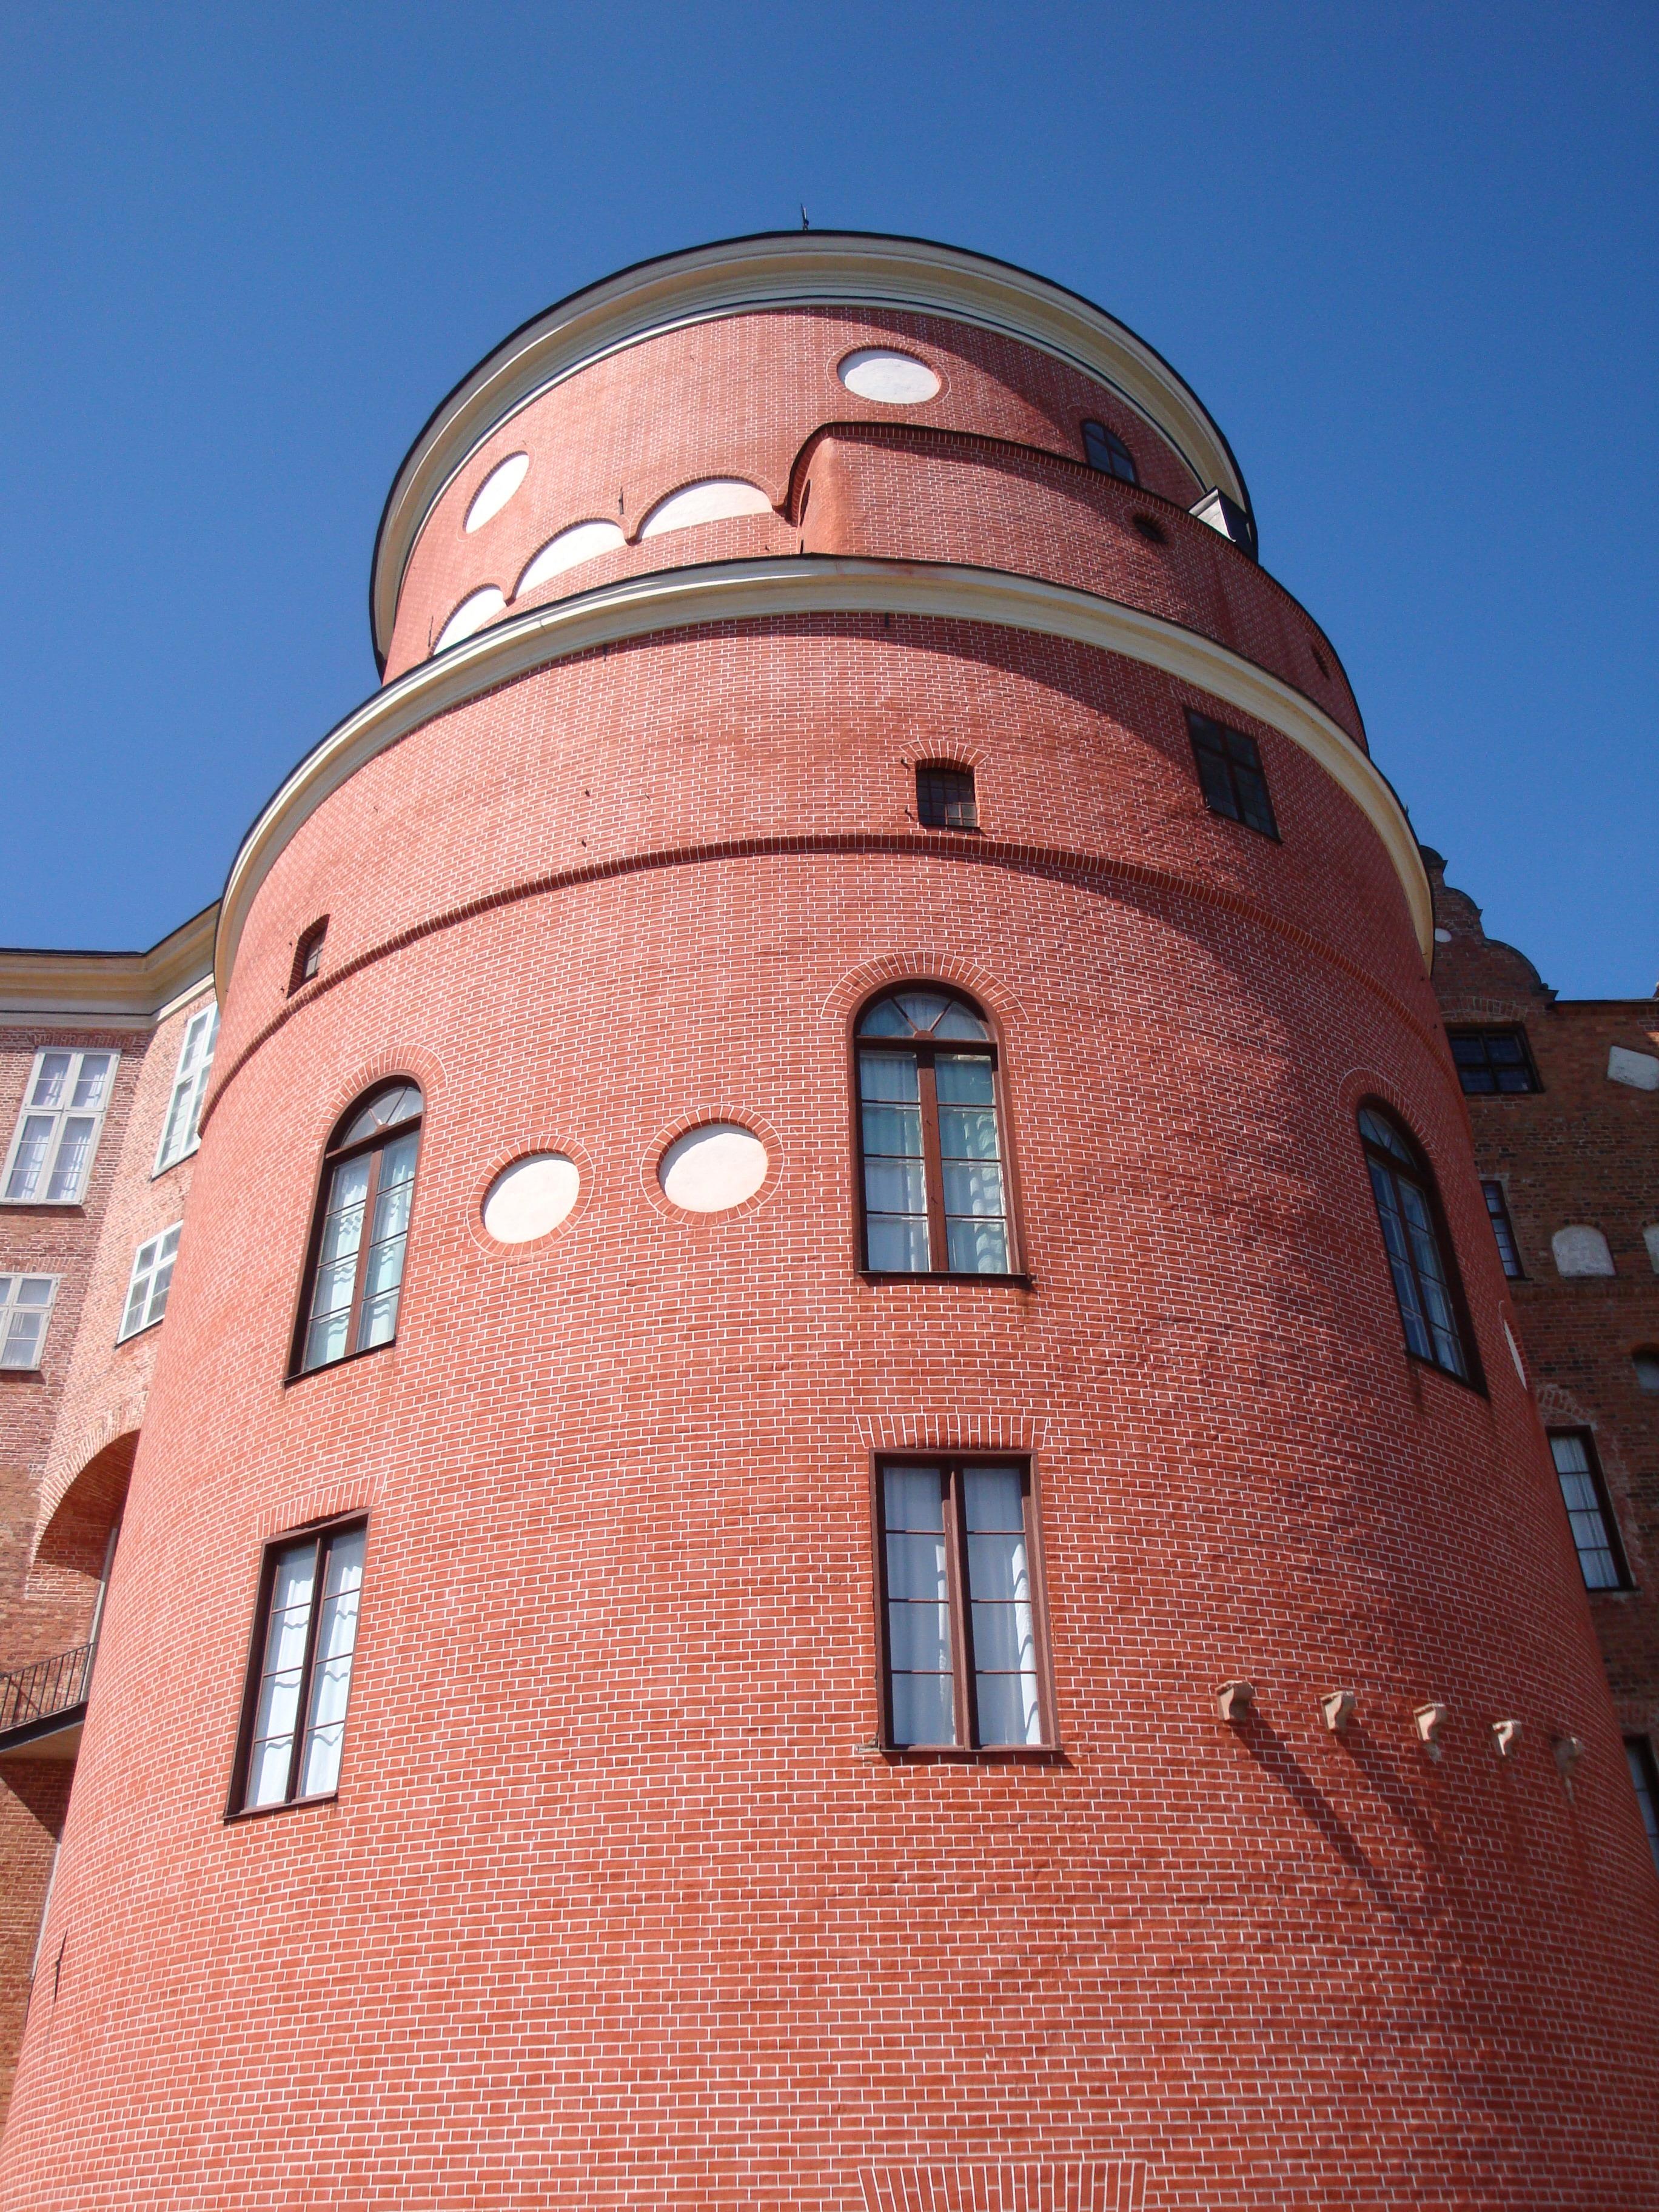 Turm mit handgemalter Ziegelstruktur